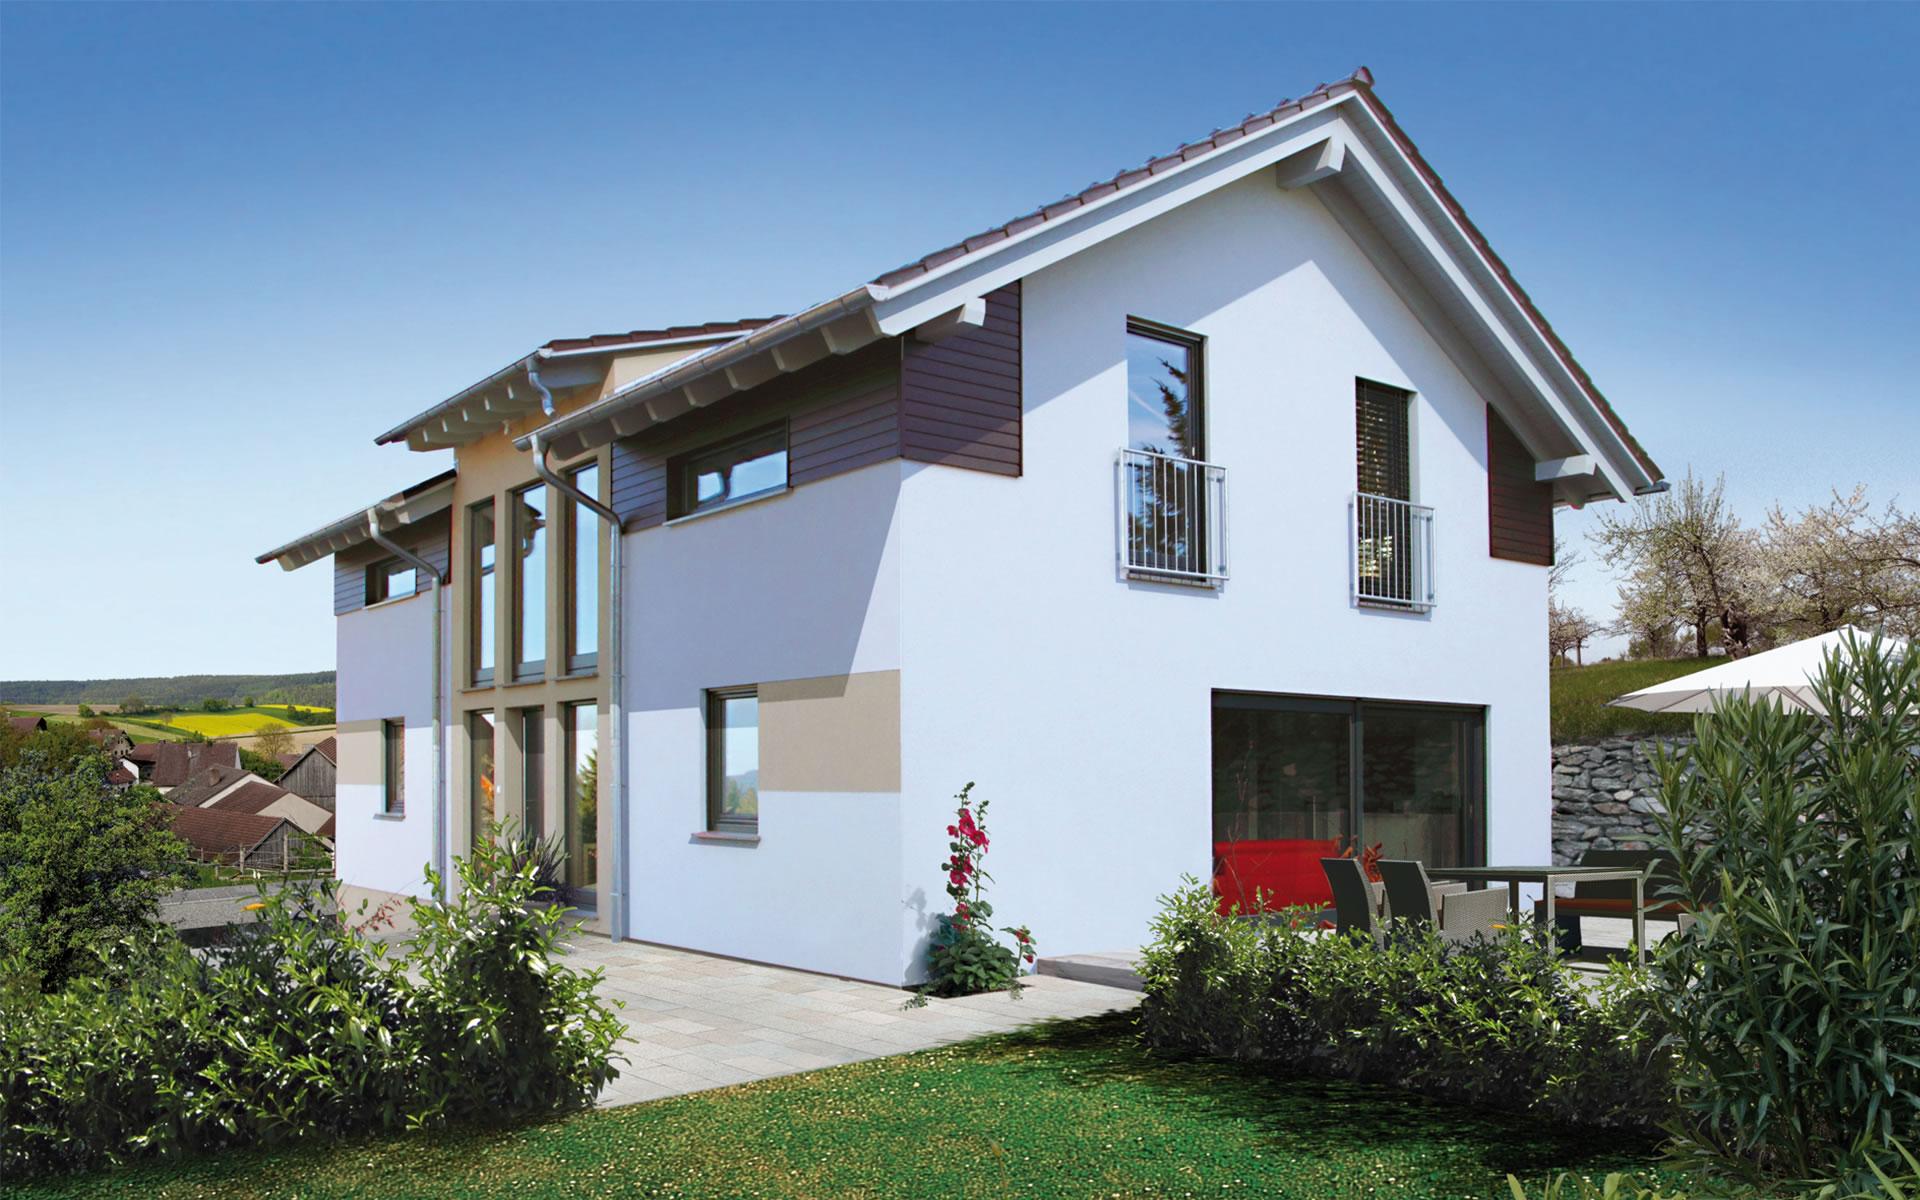 Turo von Fingerhut Haus GmbH & Co. KG